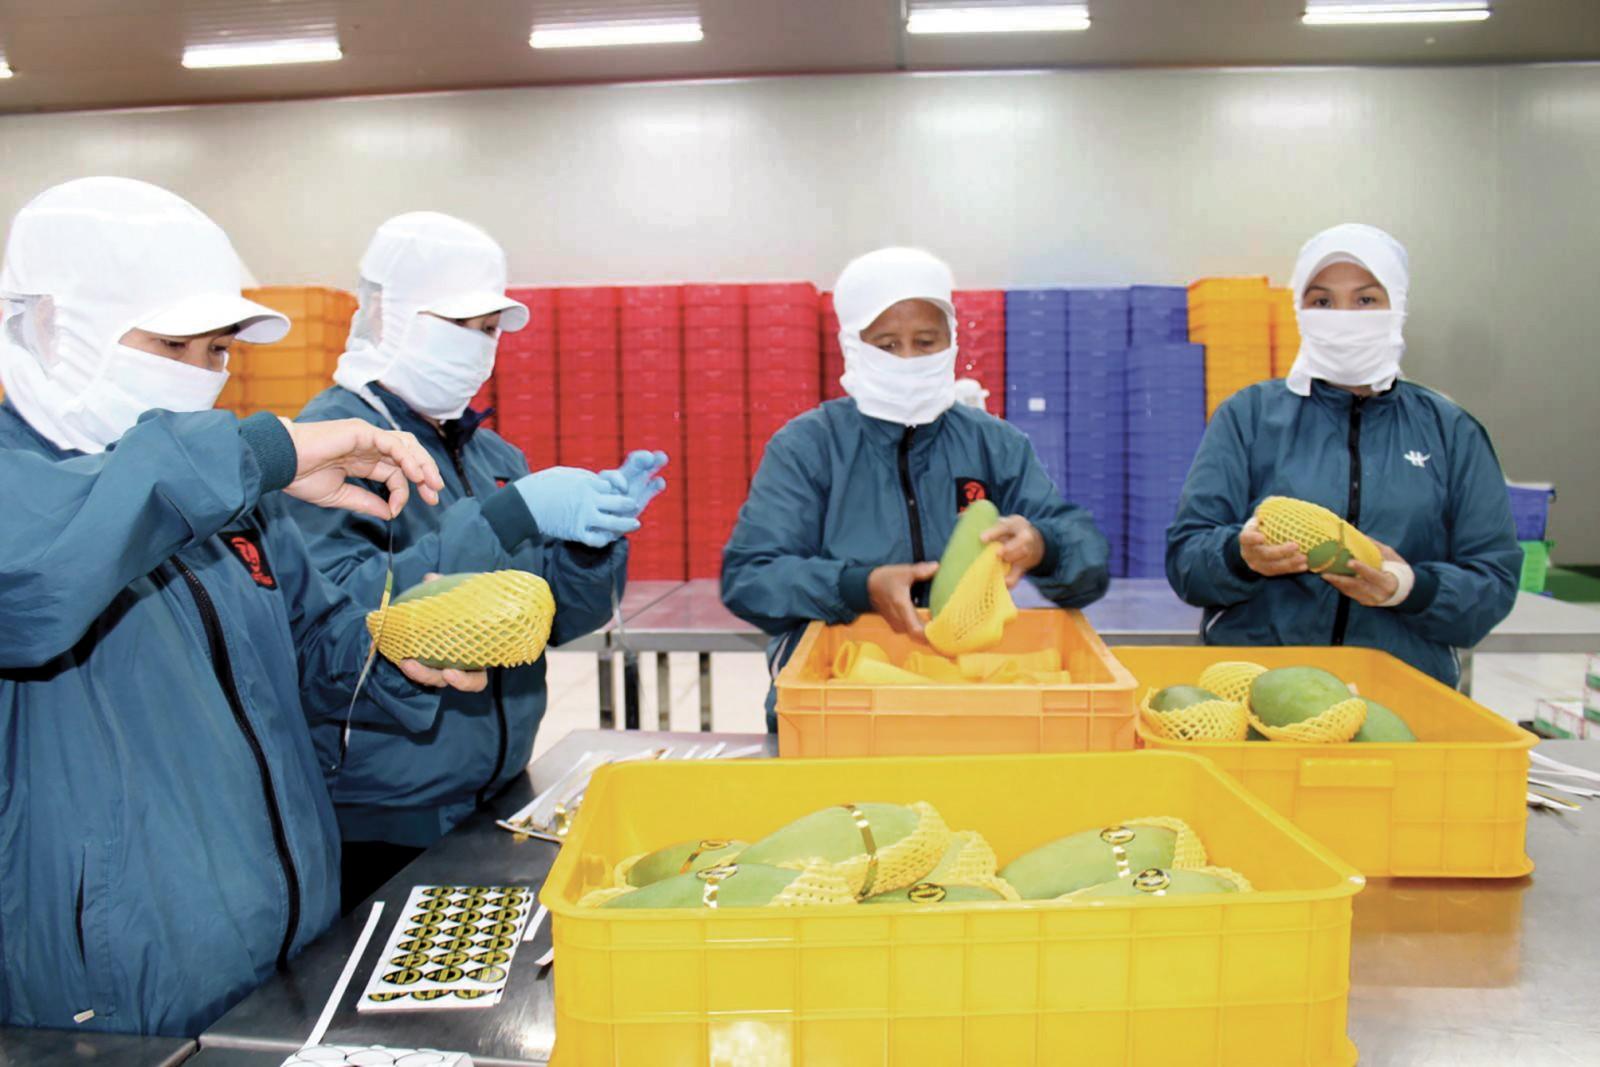 Nhân công đóng gói xoài xuất khẩu tại một doanh nghiệp. Ảnh: T.C